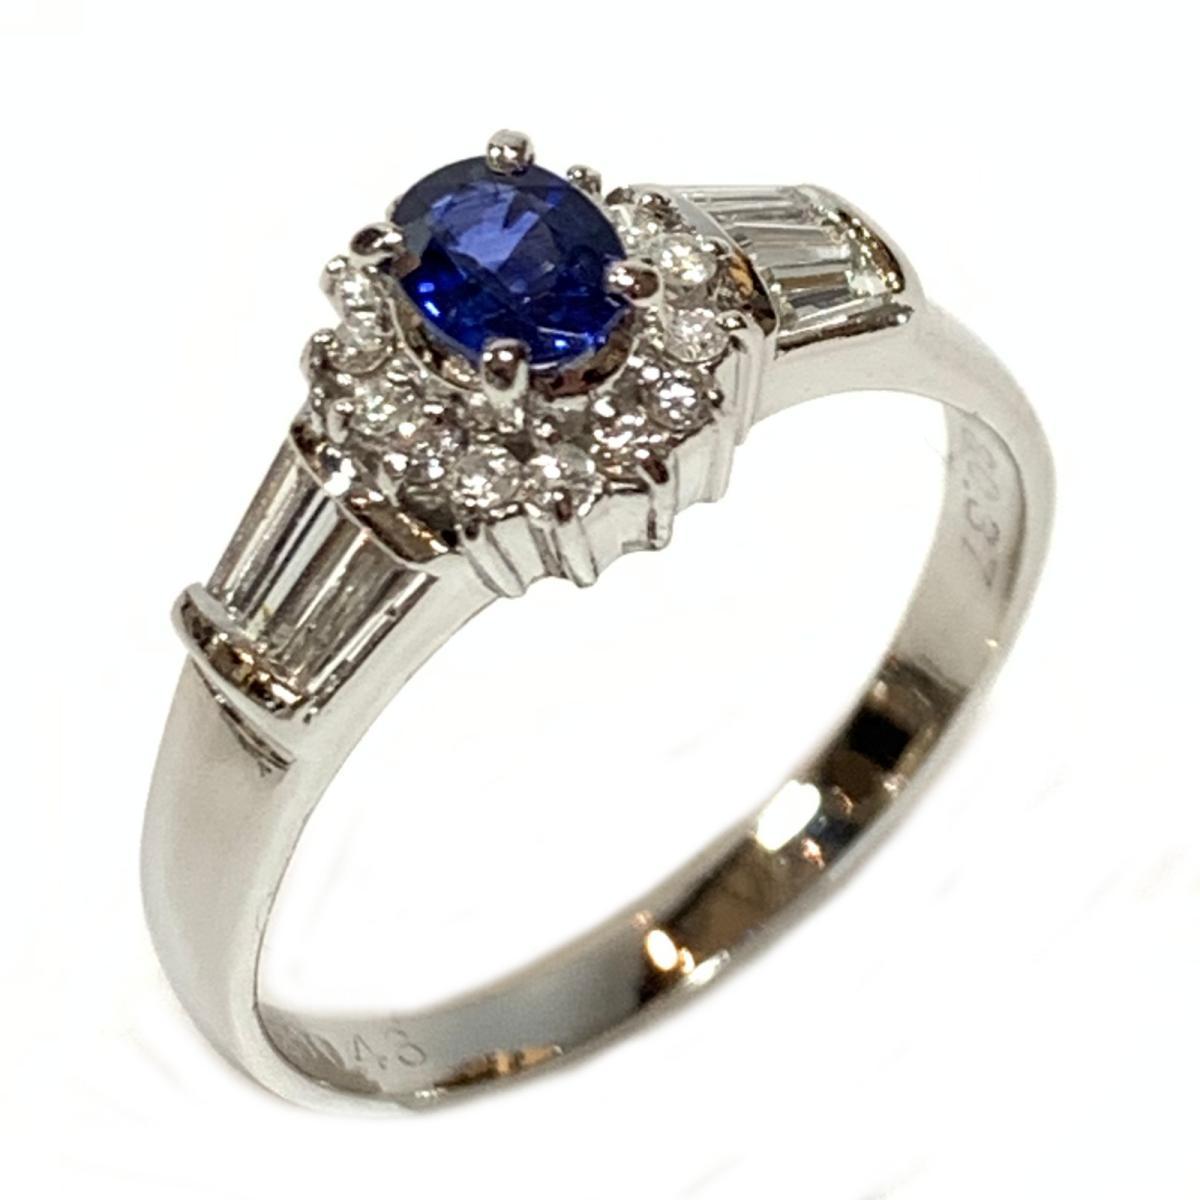 ジュエリー サファイア ダイヤモンド リング 指輪 ノーブランドジュエリー レディース PT900 プラチナ x サファイア0.37 ダイヤ0.43ct ブルー クリアーxシルバー | JEWELRY BRANDOFF ブランドオフ アクセサリー